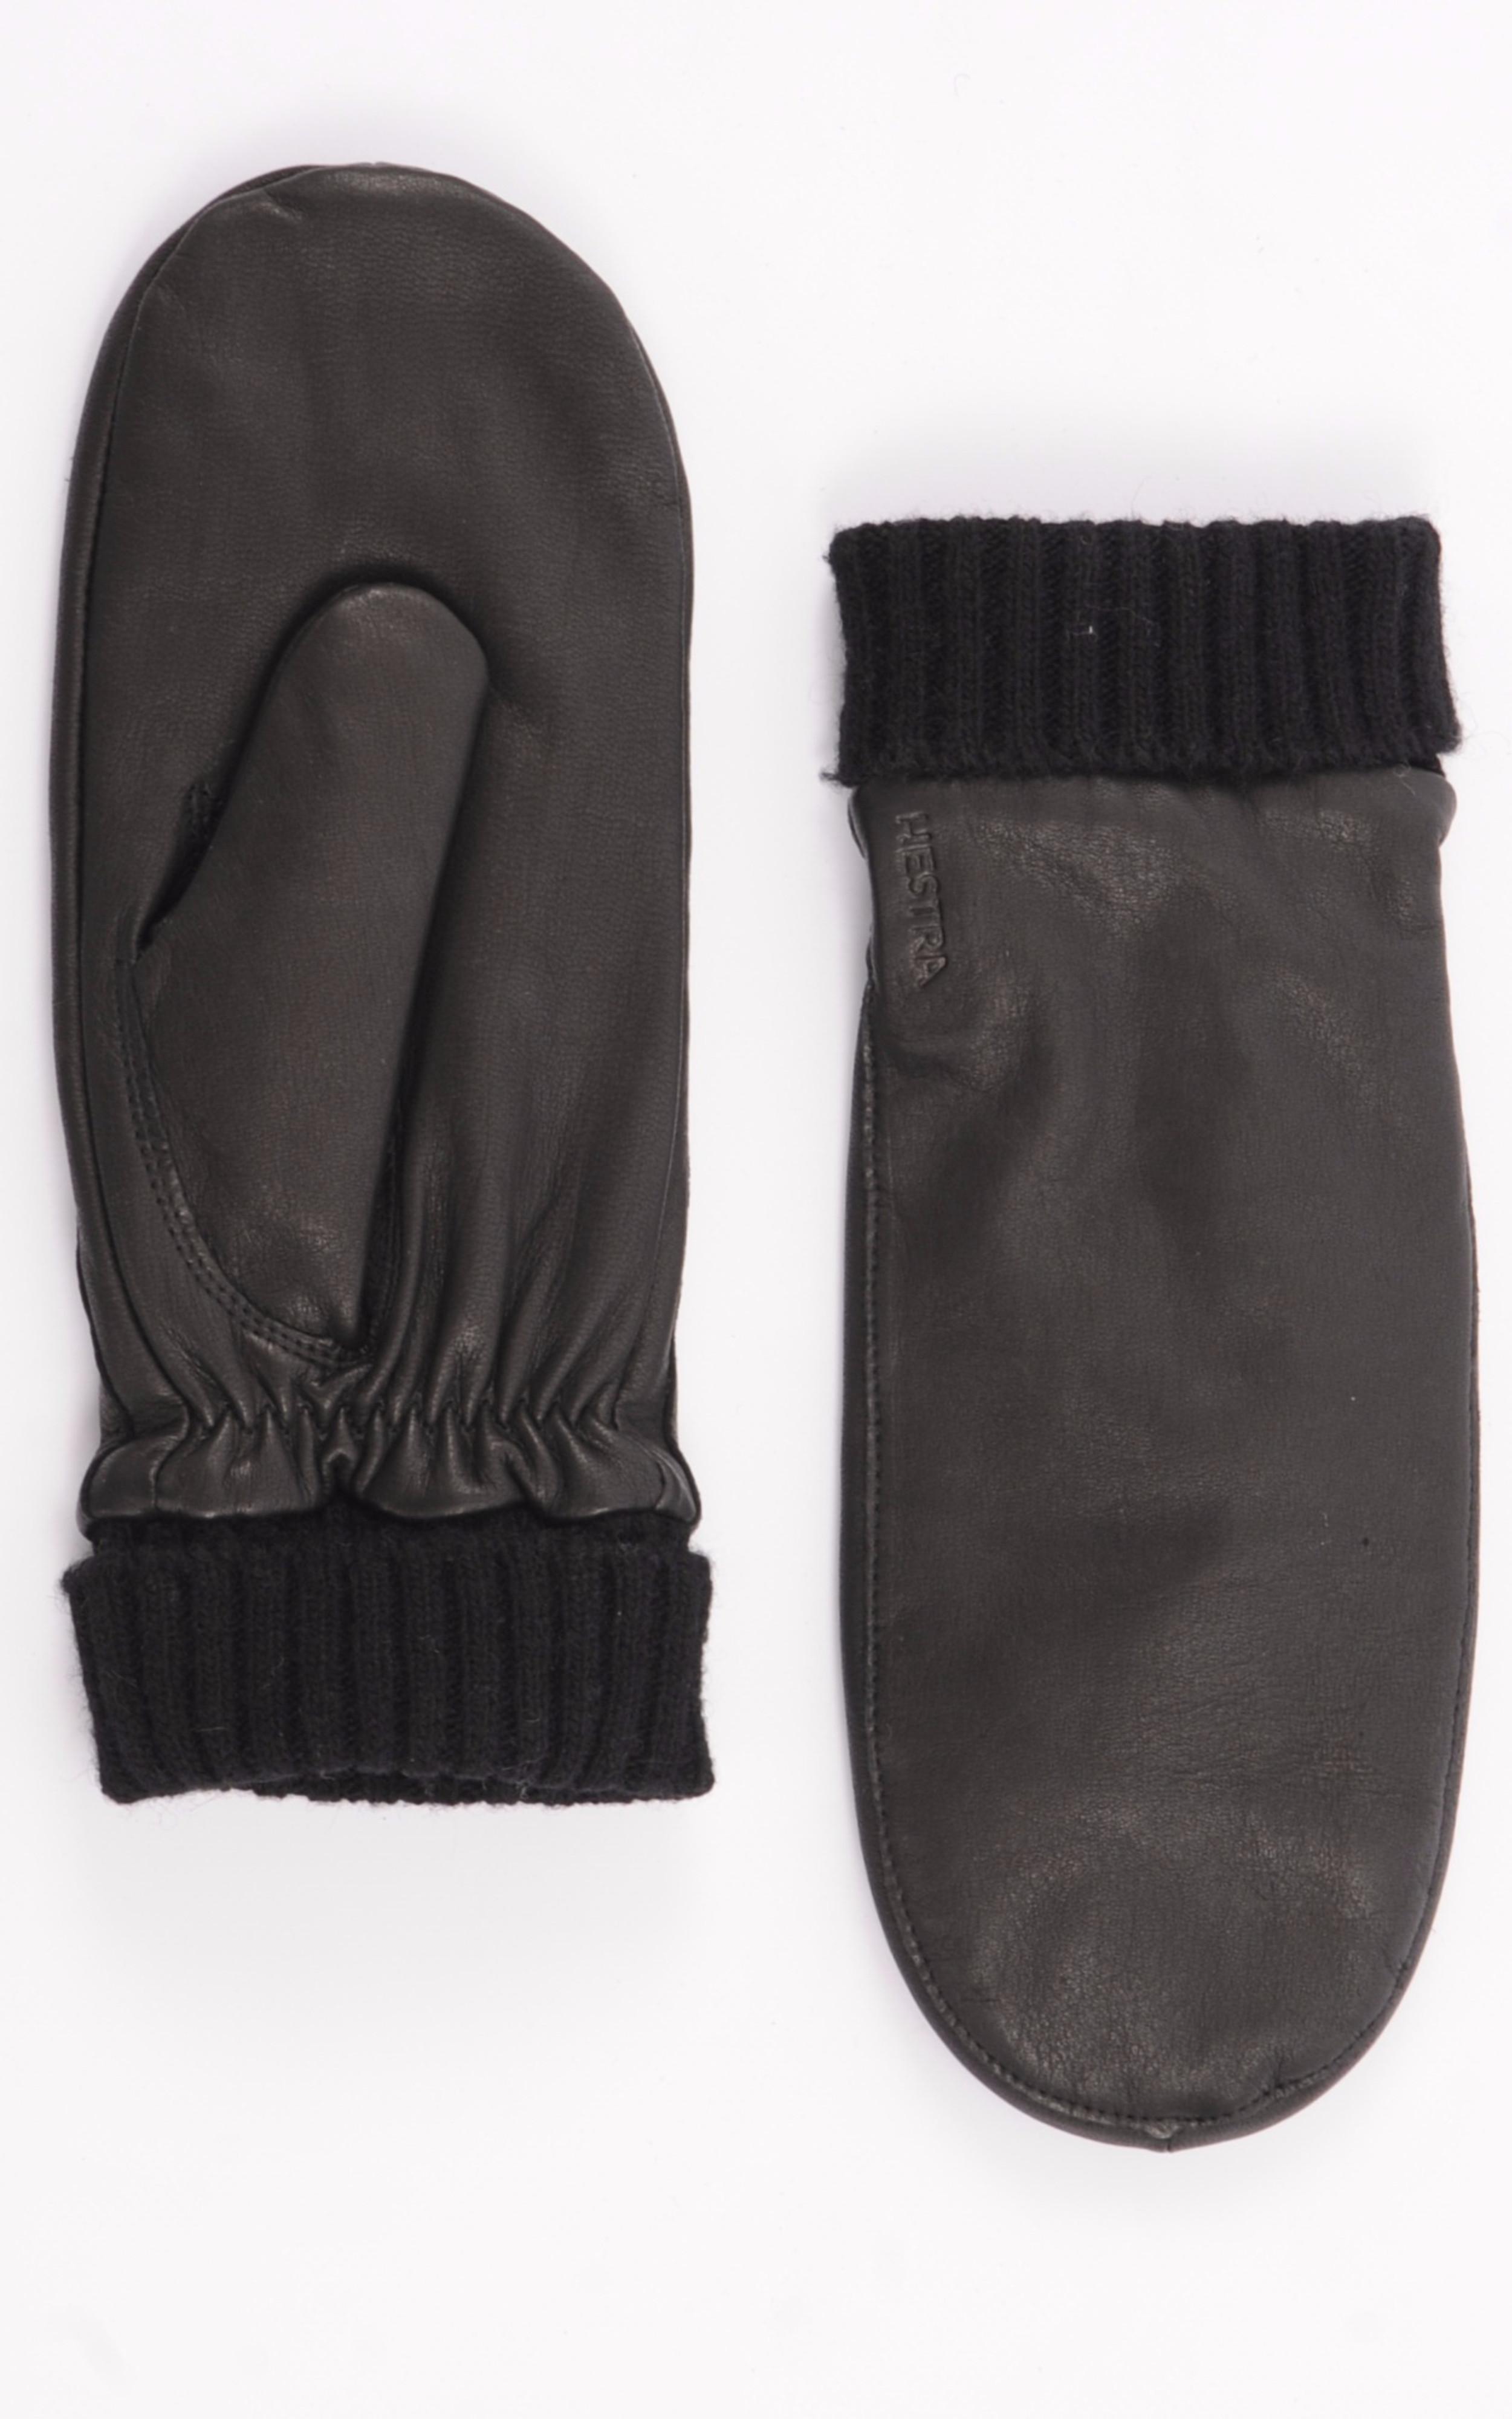 Moufles en cuir cerf noir Hestra